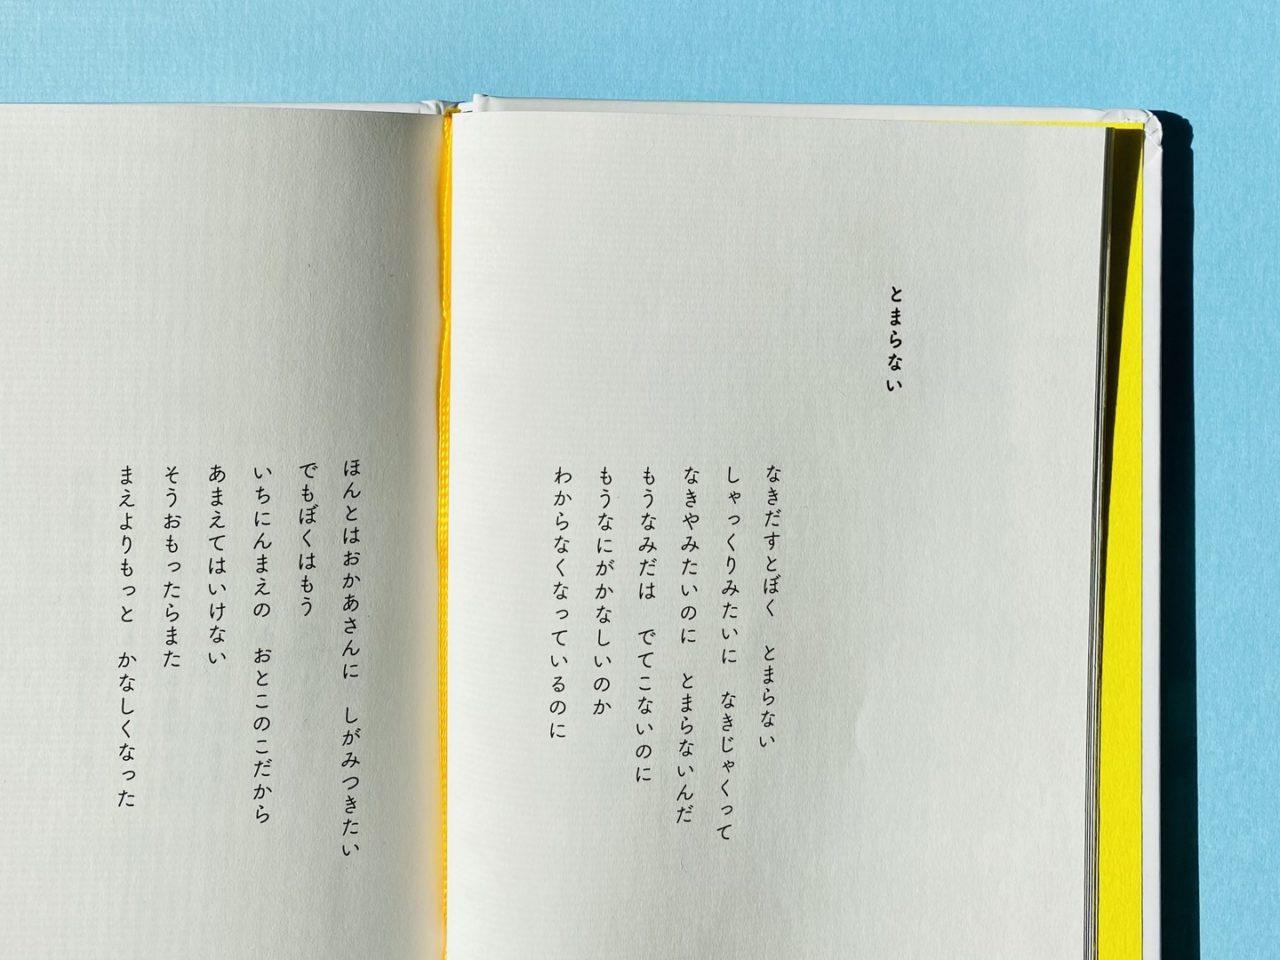 詩「とまらない」のページの画像